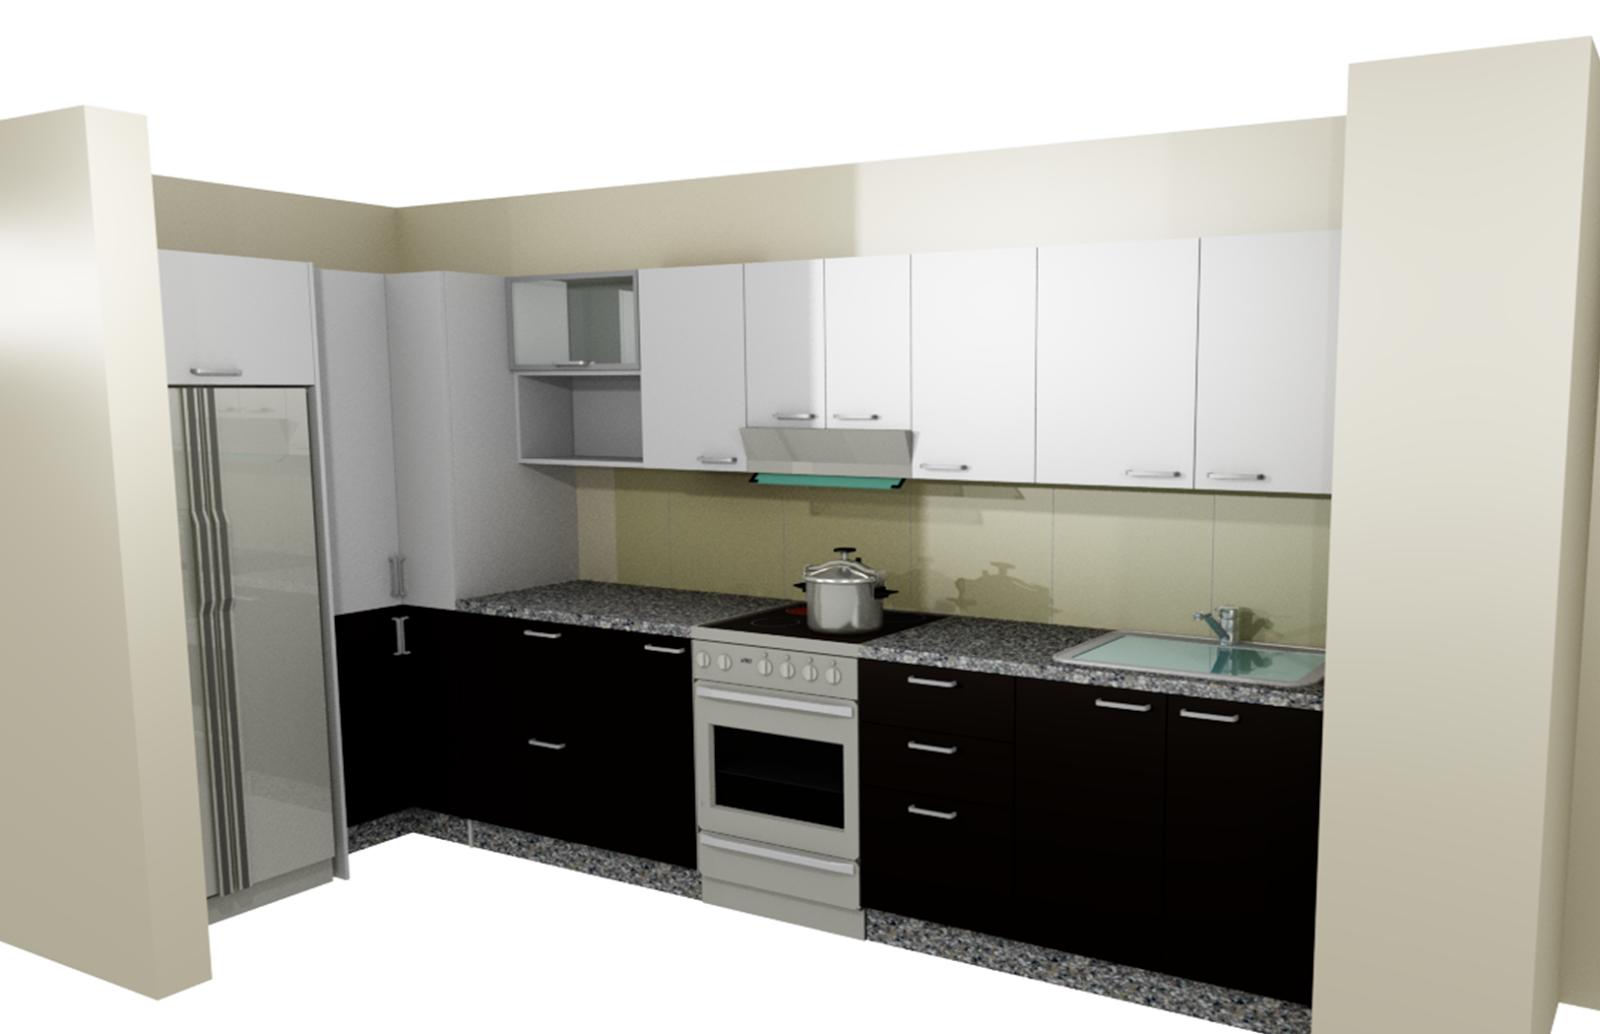 Genial muebles de cocina valencia galer a de im genes for Muebles de cocina valencia